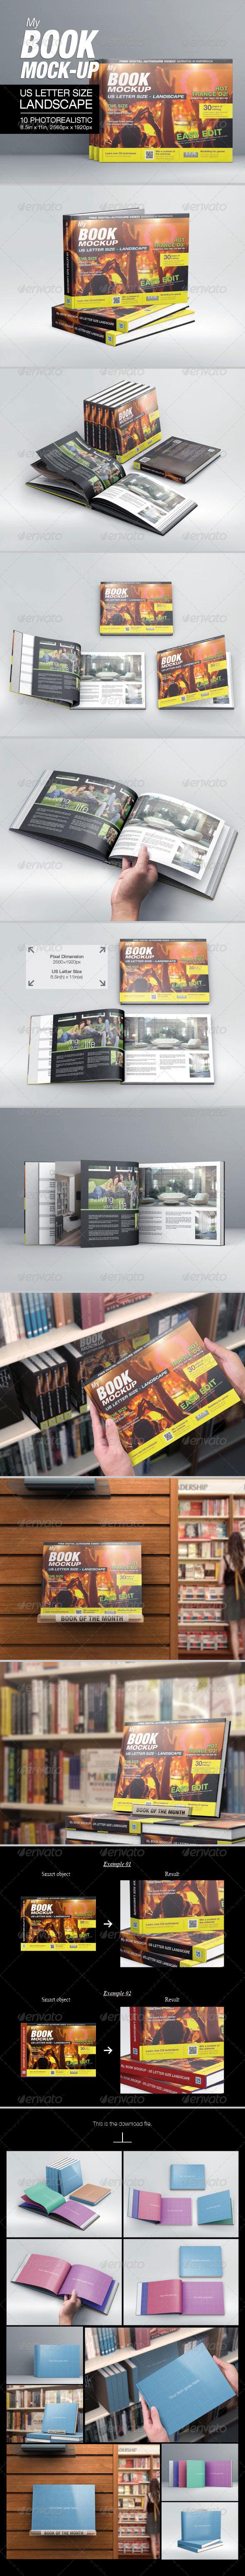 MyBook US Letter Size Landscape Mock-up - Books Print